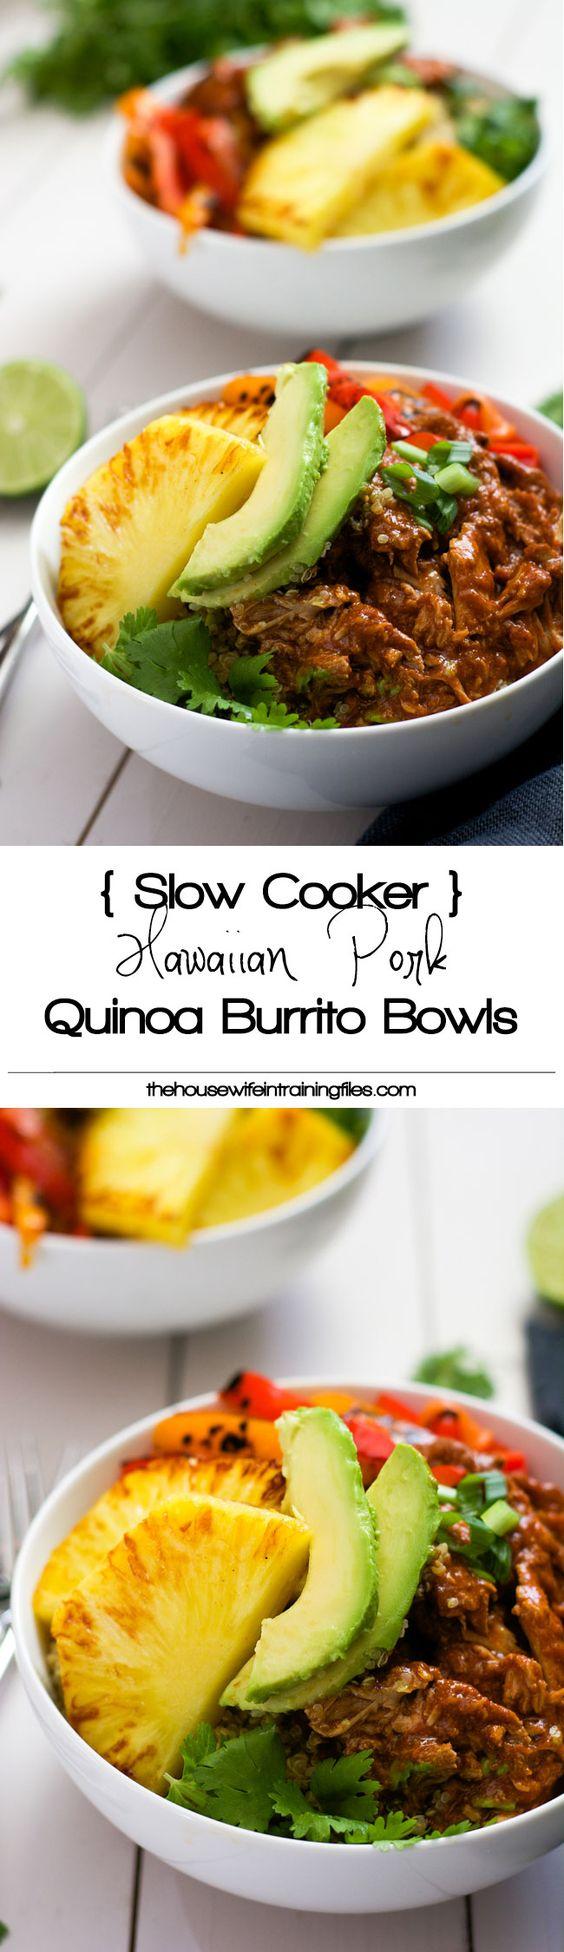 Pork burritos, Burrito bowls and Burritos on Pinterest